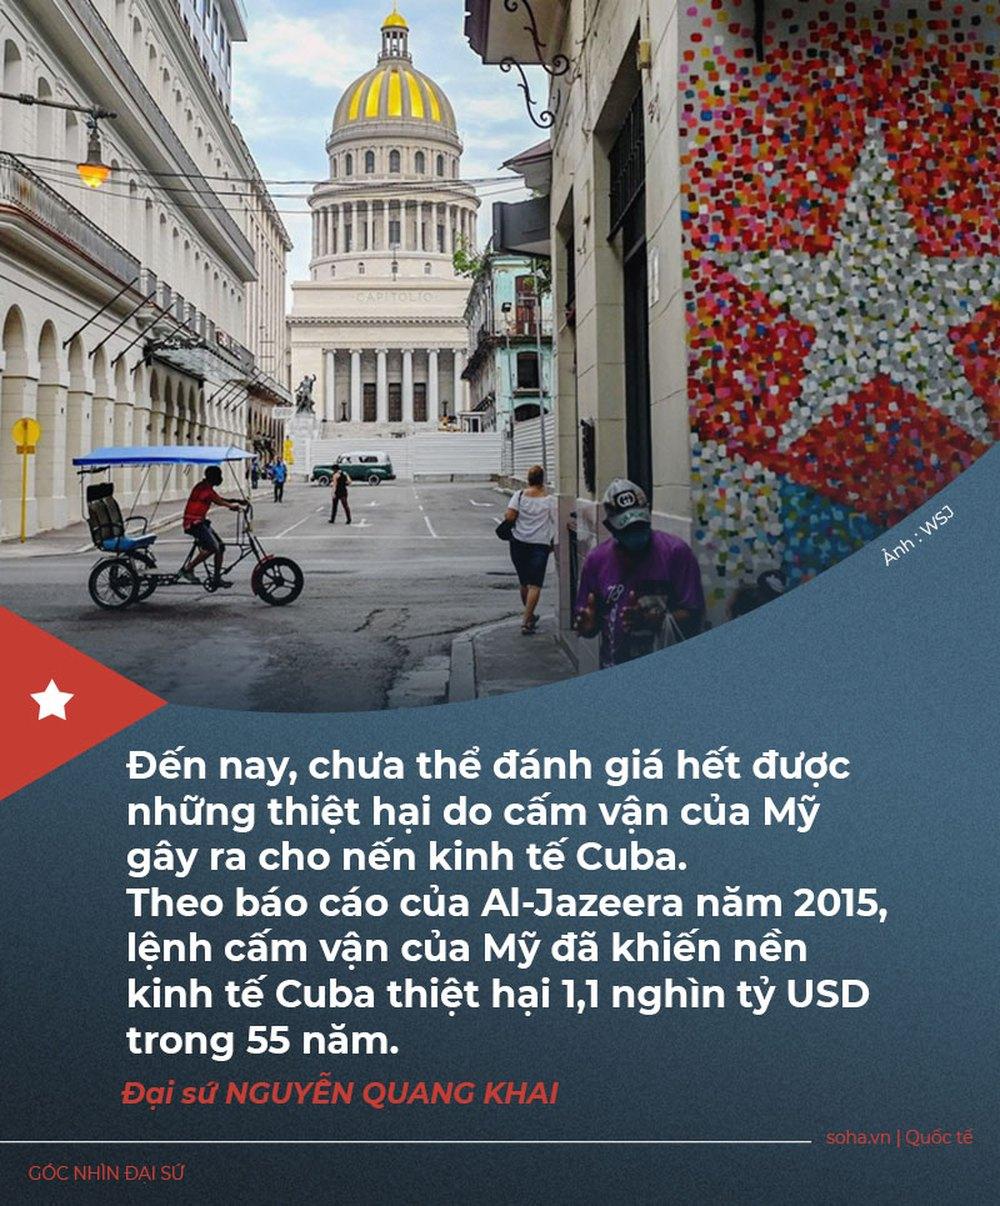 Mỹ-Cuba: Cuộc bao vây cấm vận khốc liệt nhất lịch sử hiện đại và thiệt hại nghìn tỷ đô của Hòn đảo Tự do - Ảnh 5.